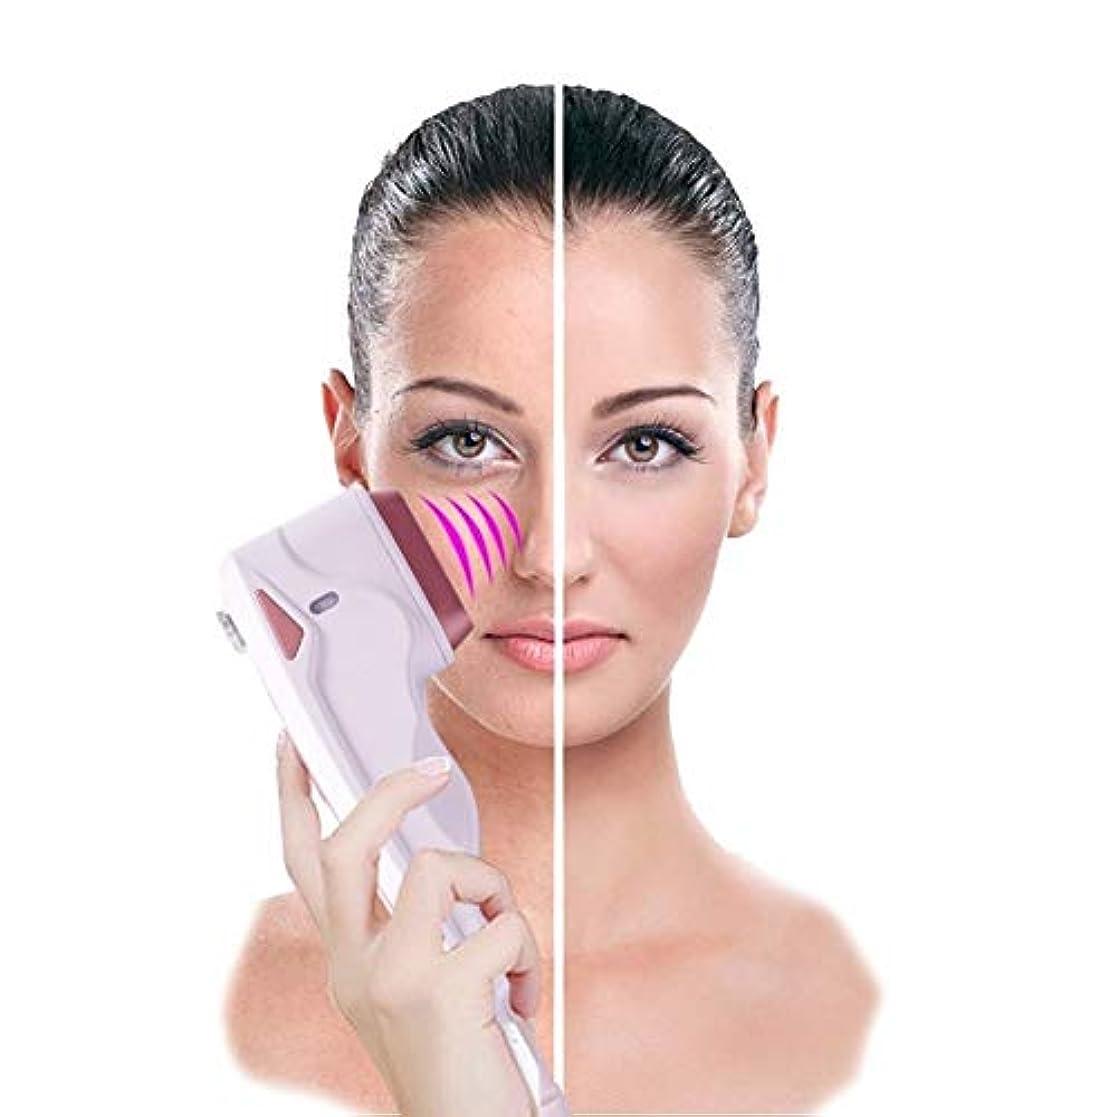 三十落花生医師美顔術の持ち上がる機械振動無線周波数のしわは反老化のためのスキンケアの美装置を取り除きます、皮膚のきつく締まるガルバニック微電流の改装機械